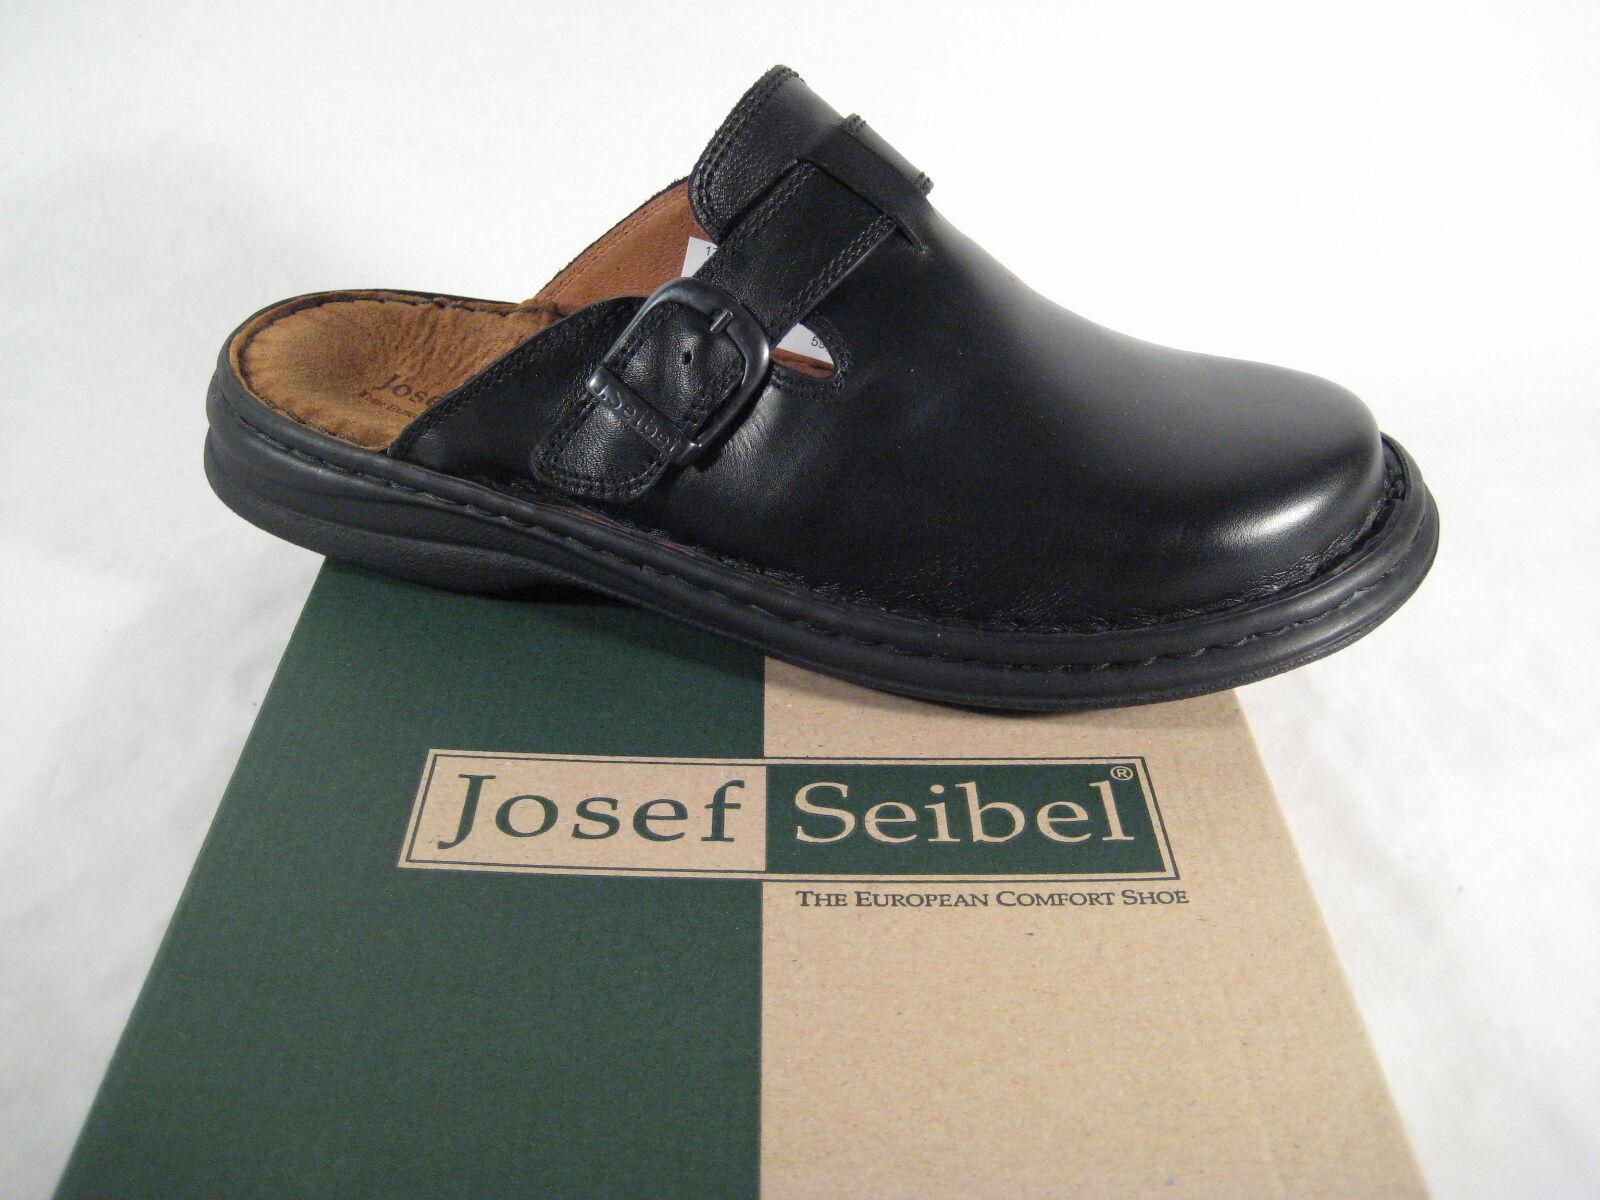 Seibel  Clogs Mule Slippers Mules 10122 nero Leather New  fino al 42% di sconto